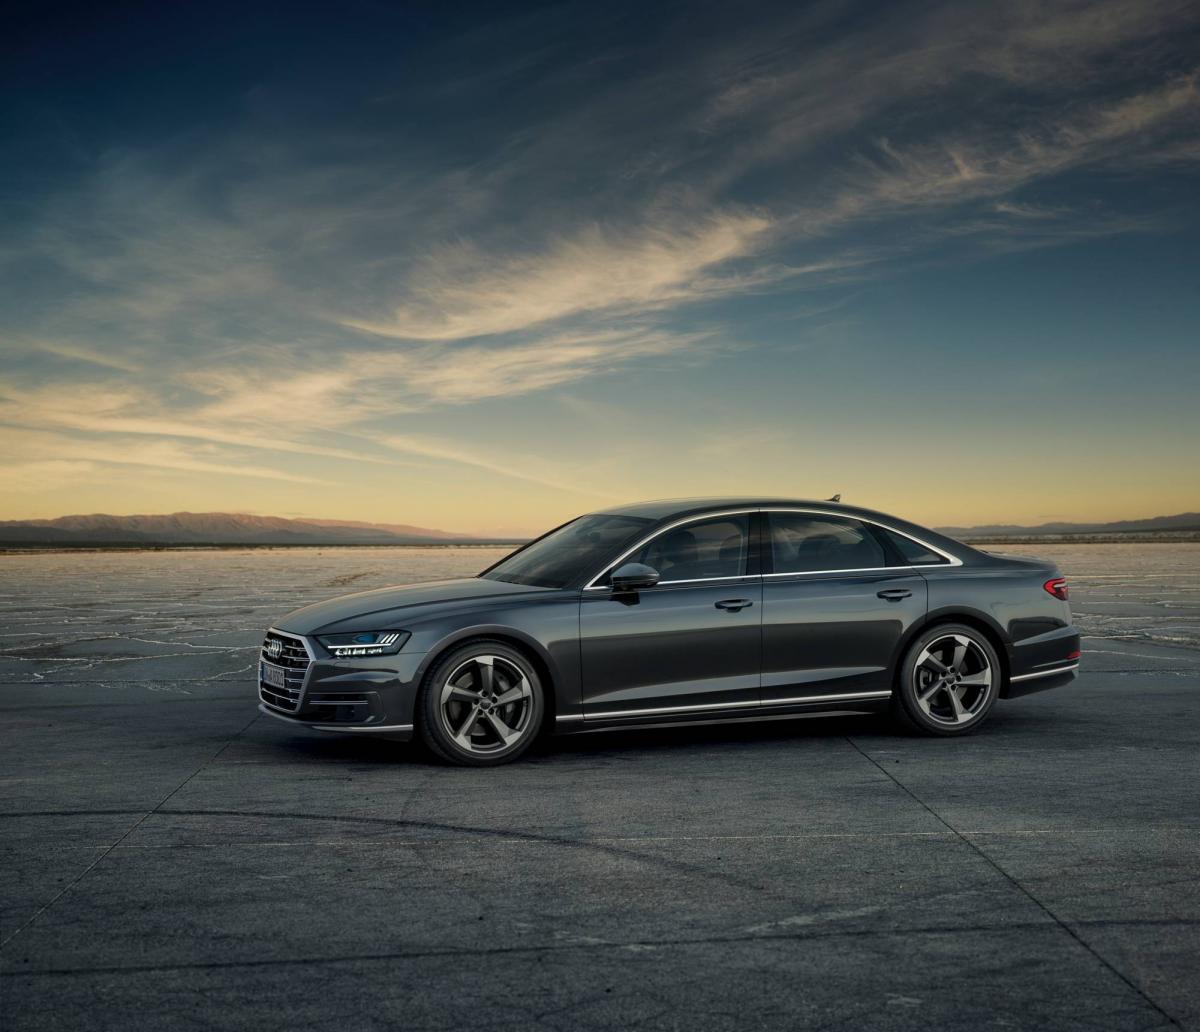 Výrobce vozů Audise spoléhá na odborné znalosti společnosti Osram Opto Semiconductors v předním osvětlení své nové vlajkové lodi